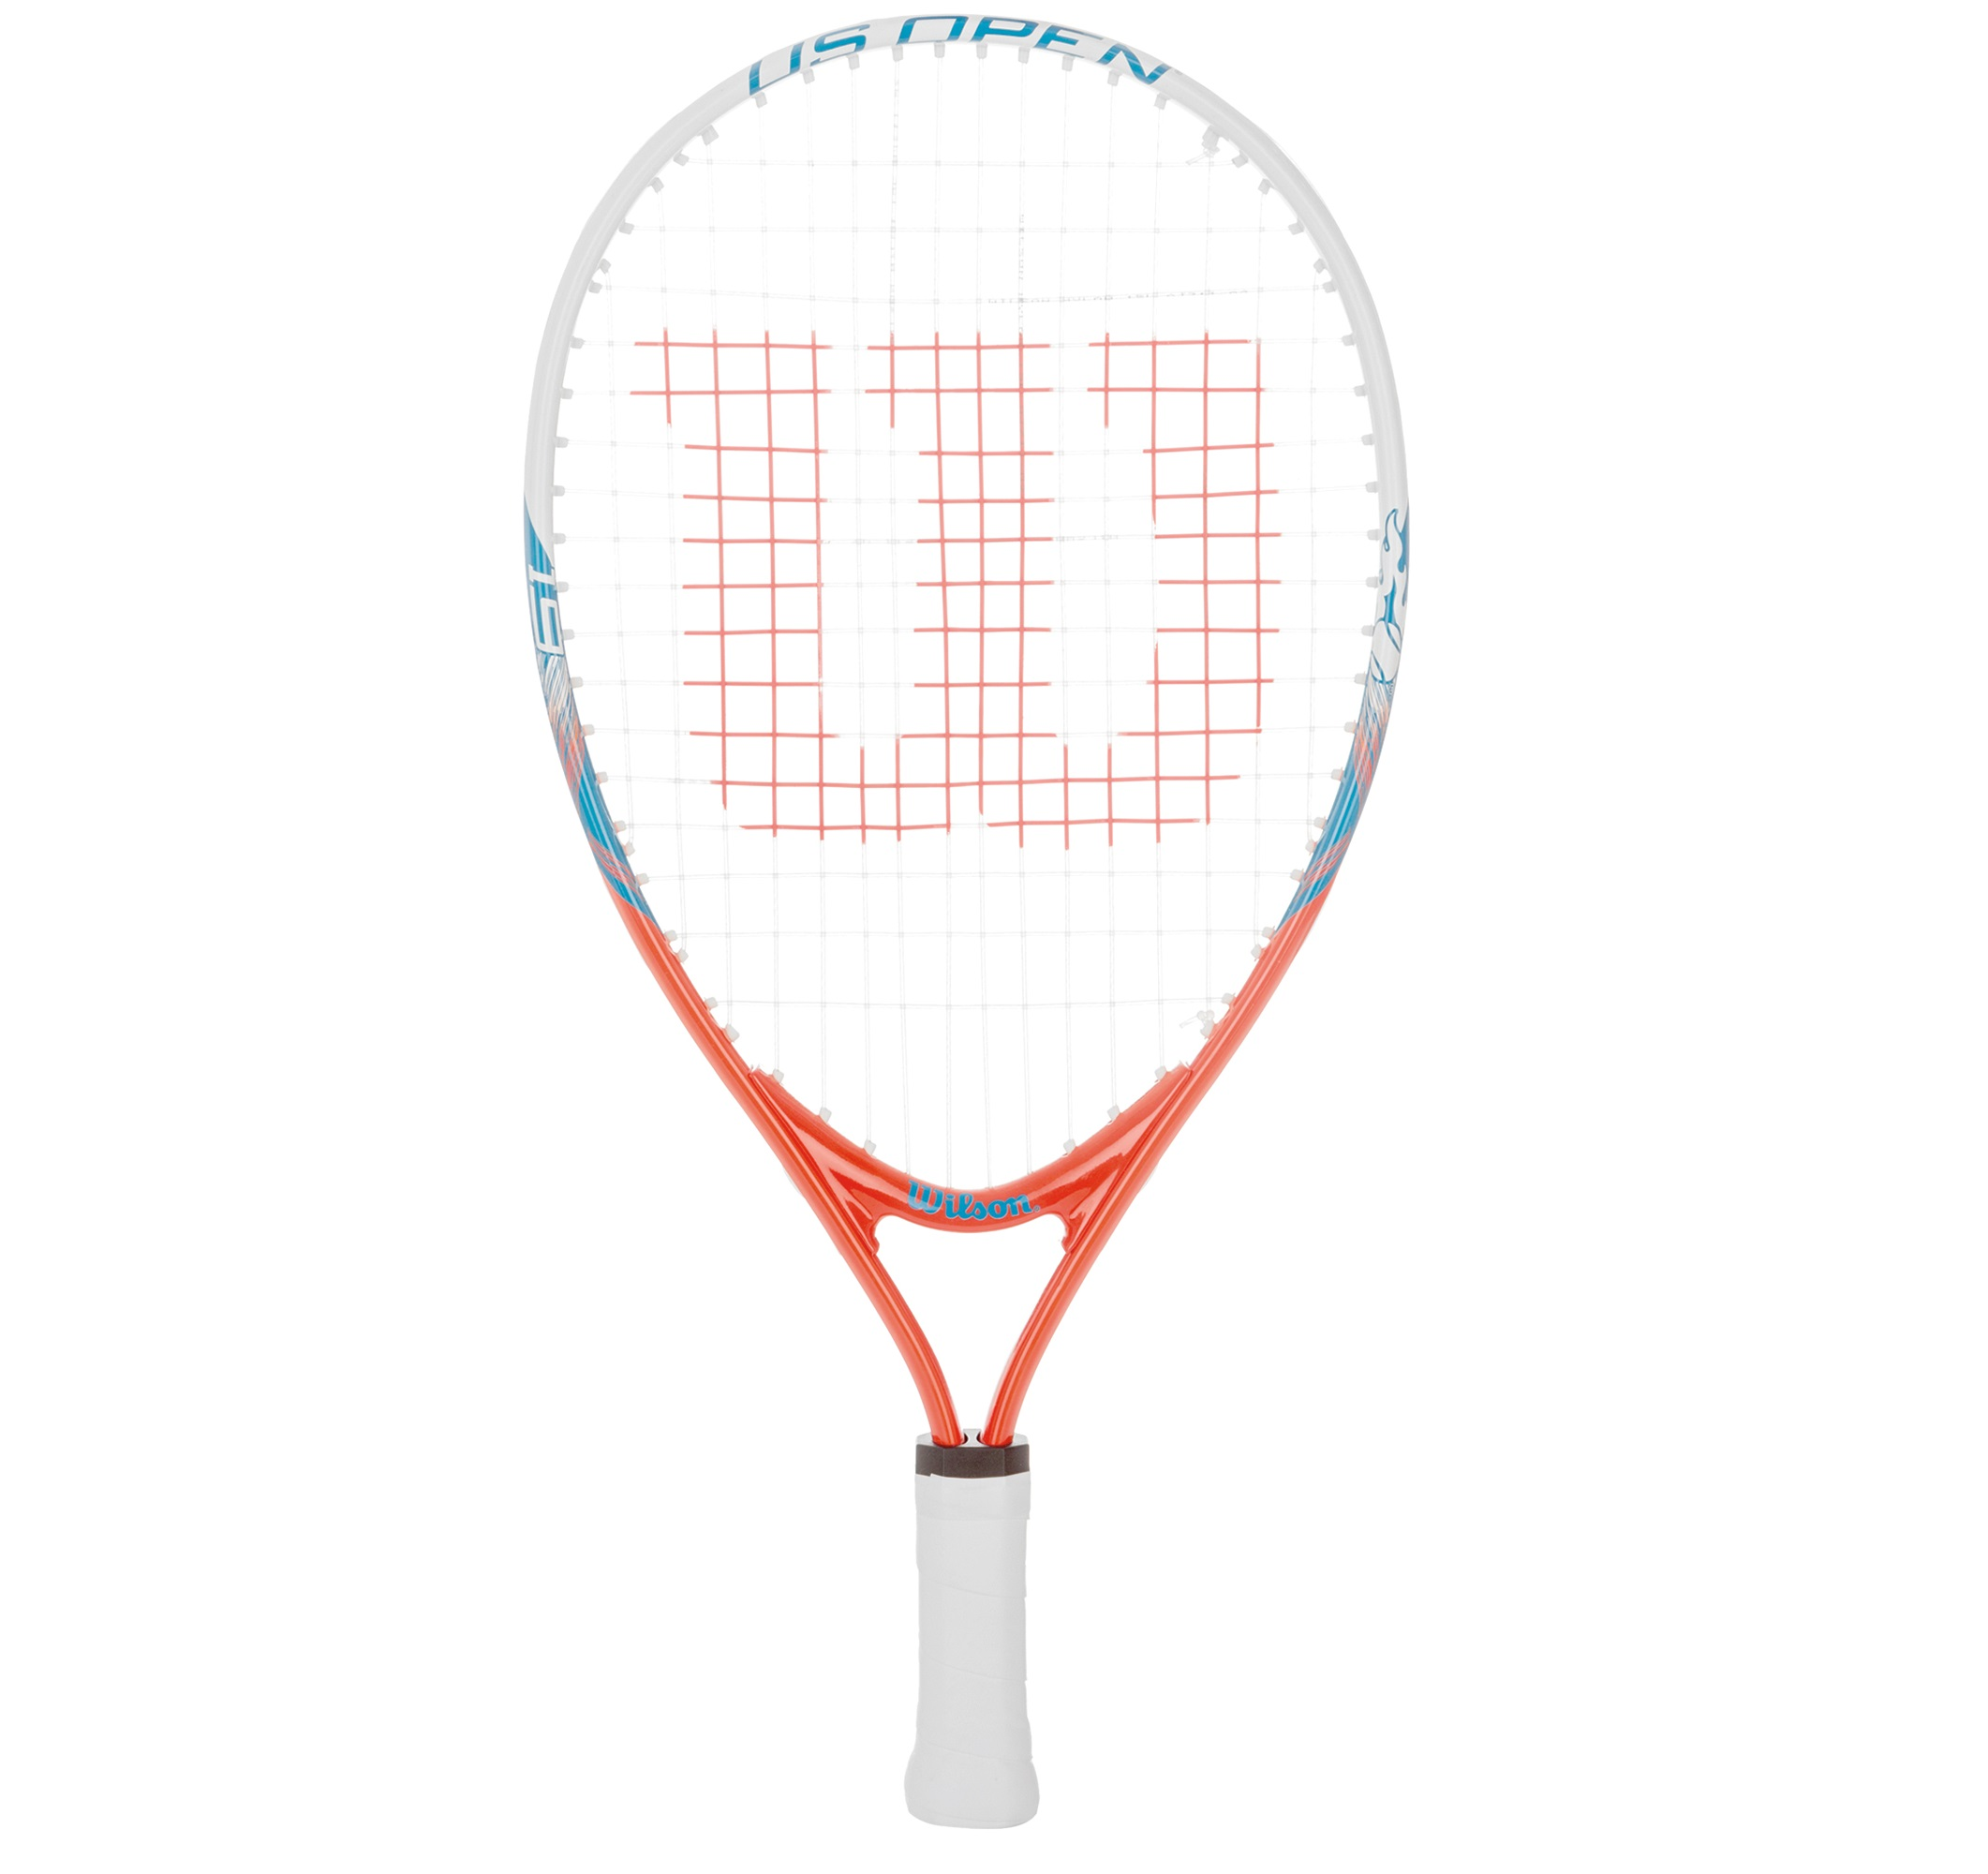 Wilson Ракетка для большого тенниса детская Wilson US Open 19 wilson ракетка для большого тенниса детская wilson roger federer 23 размер без размера